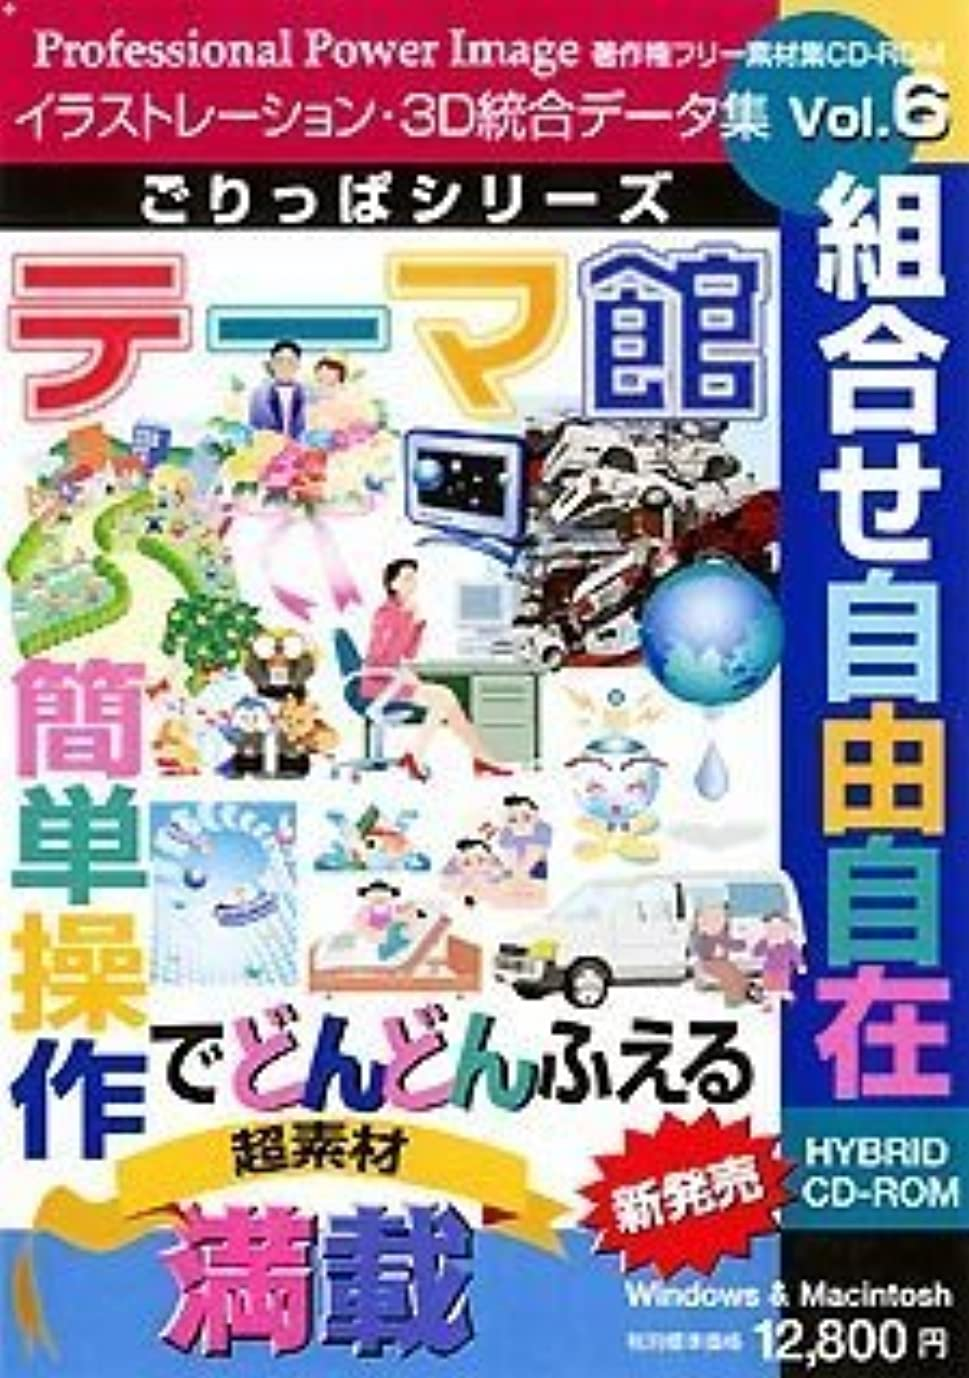 倍増設置サンダーごりっぱシリーズ Vol.6「テーマ館」